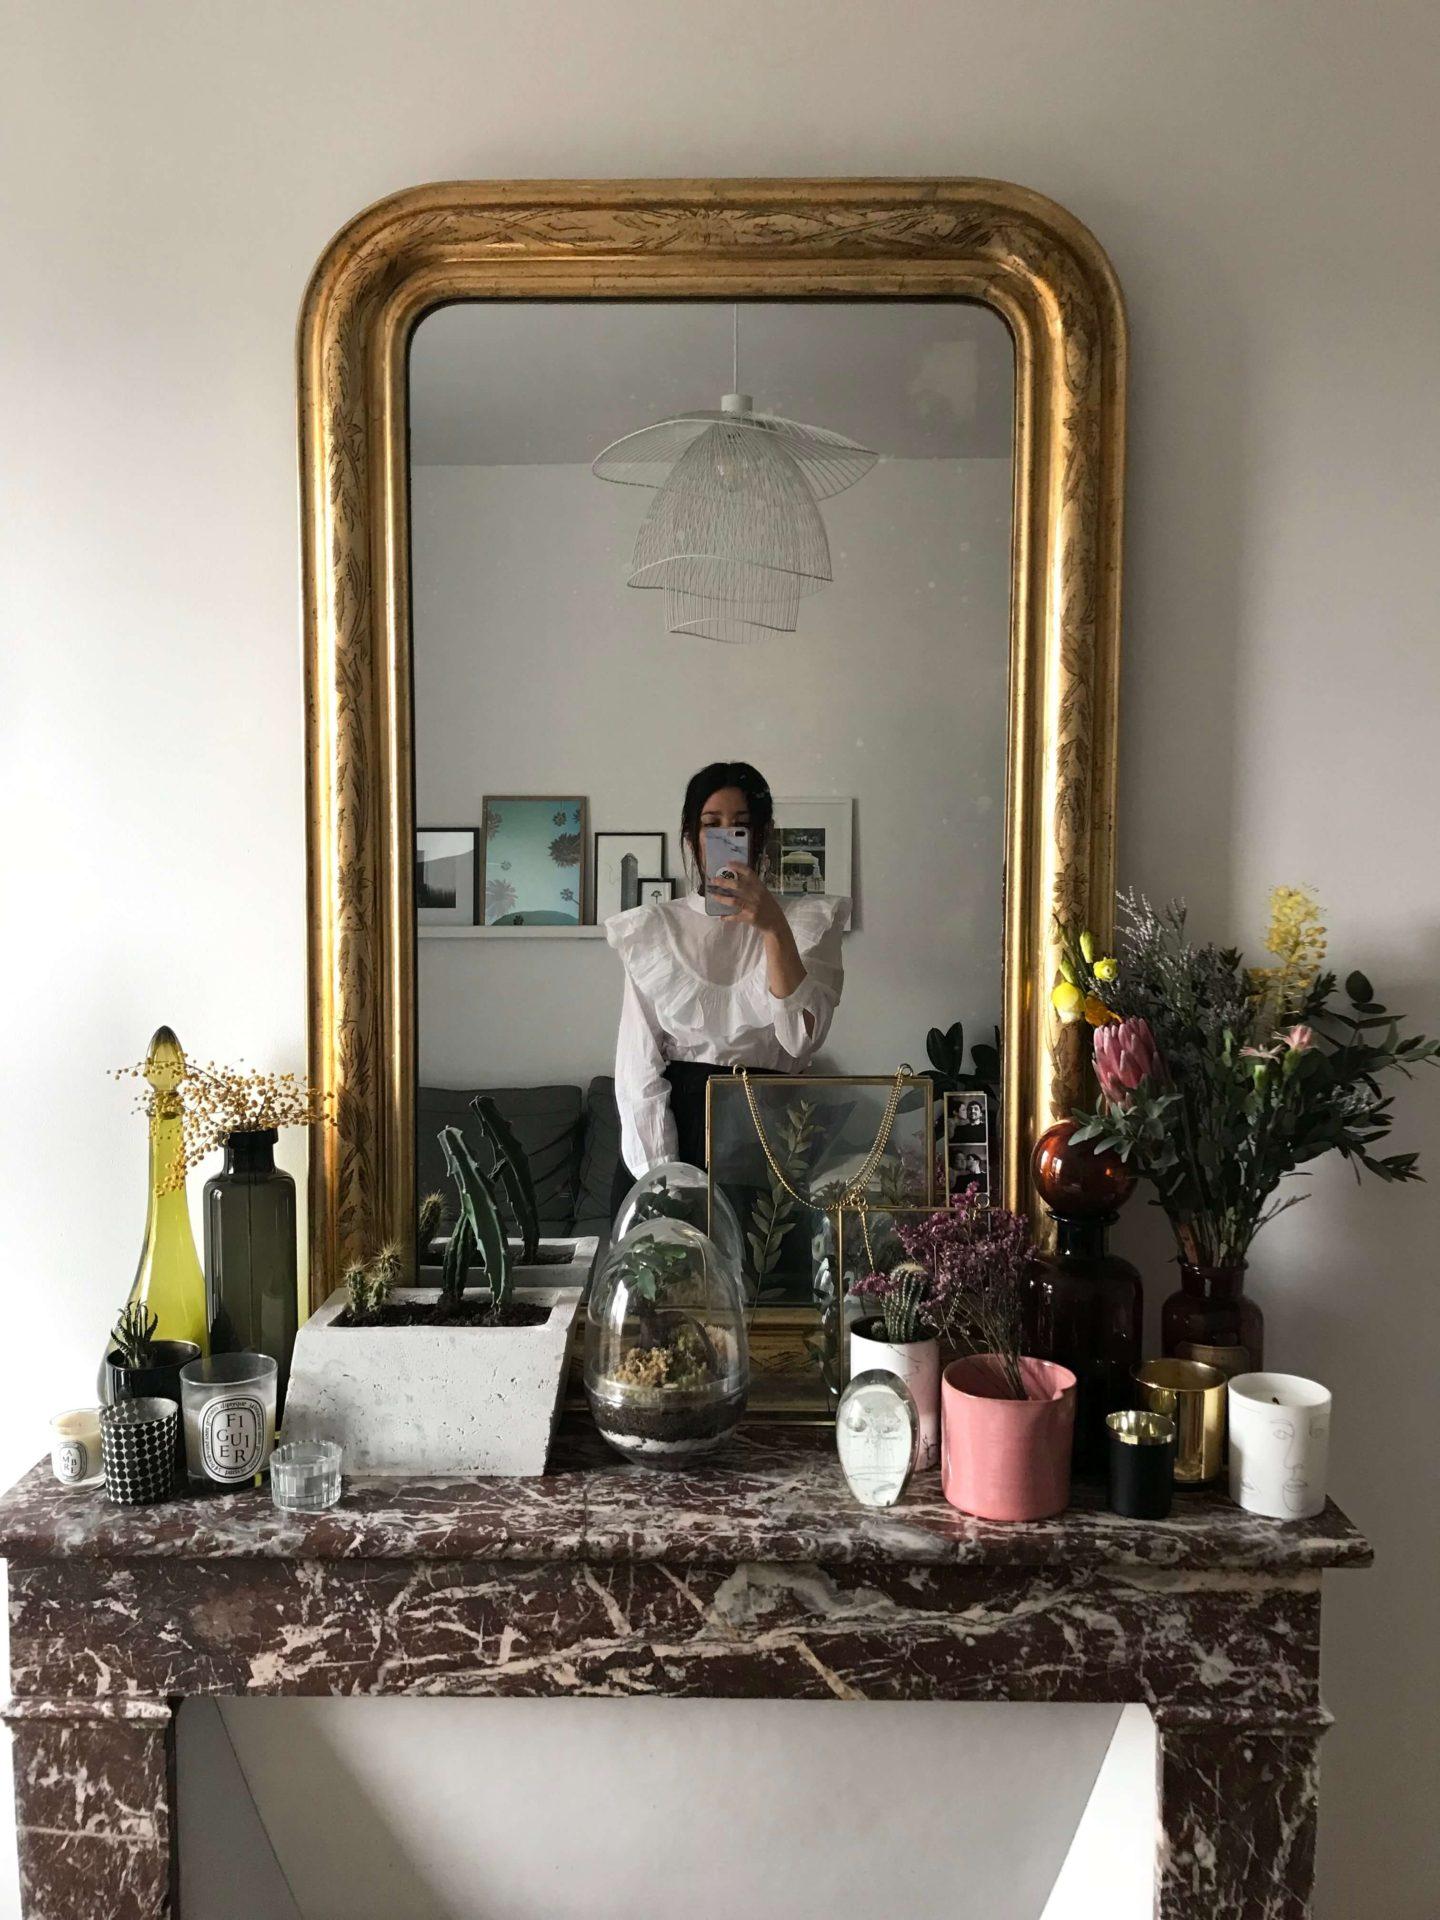 décoration de mon appartement Parisien cheminée miroir ancien L'atelier d'al blog mode lifestyle fashion Paris